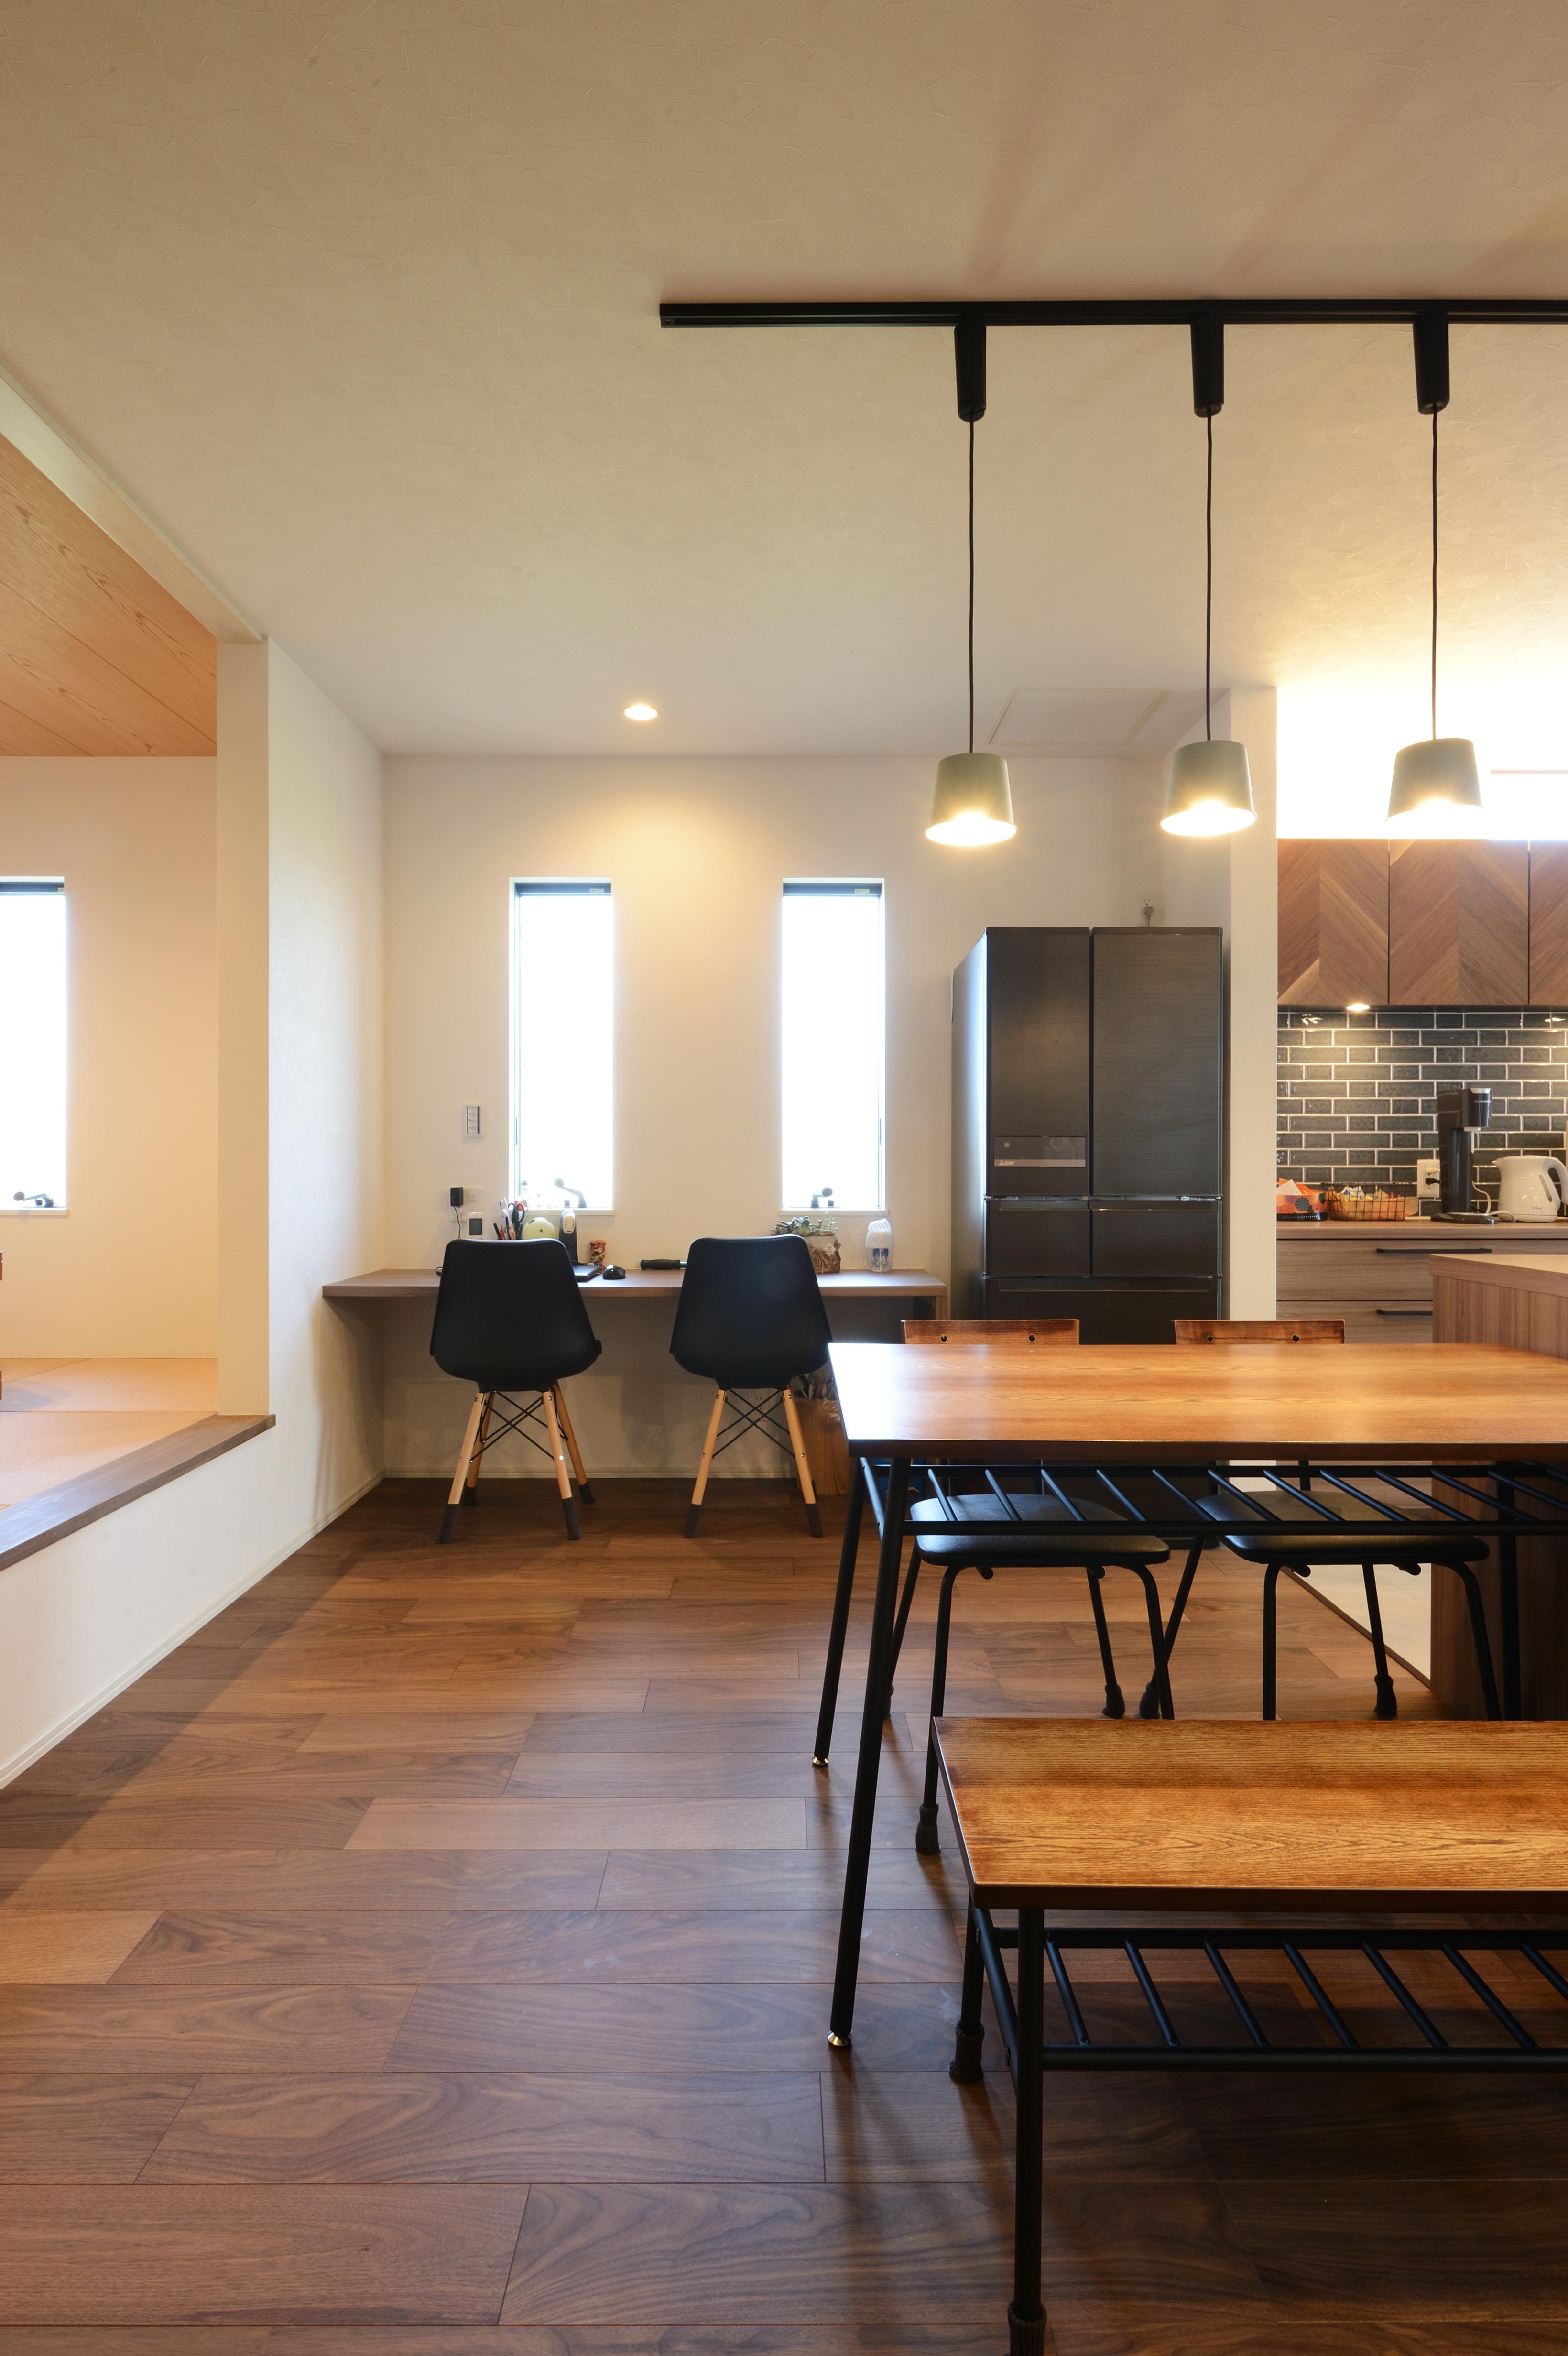 アルファホーム【デザイン住宅、子育て、インテリア】キッチンの隣には、ワークスペースがあり、将来子どもの宿題スペースやちょっとした手作業スペースとして使用する予定。